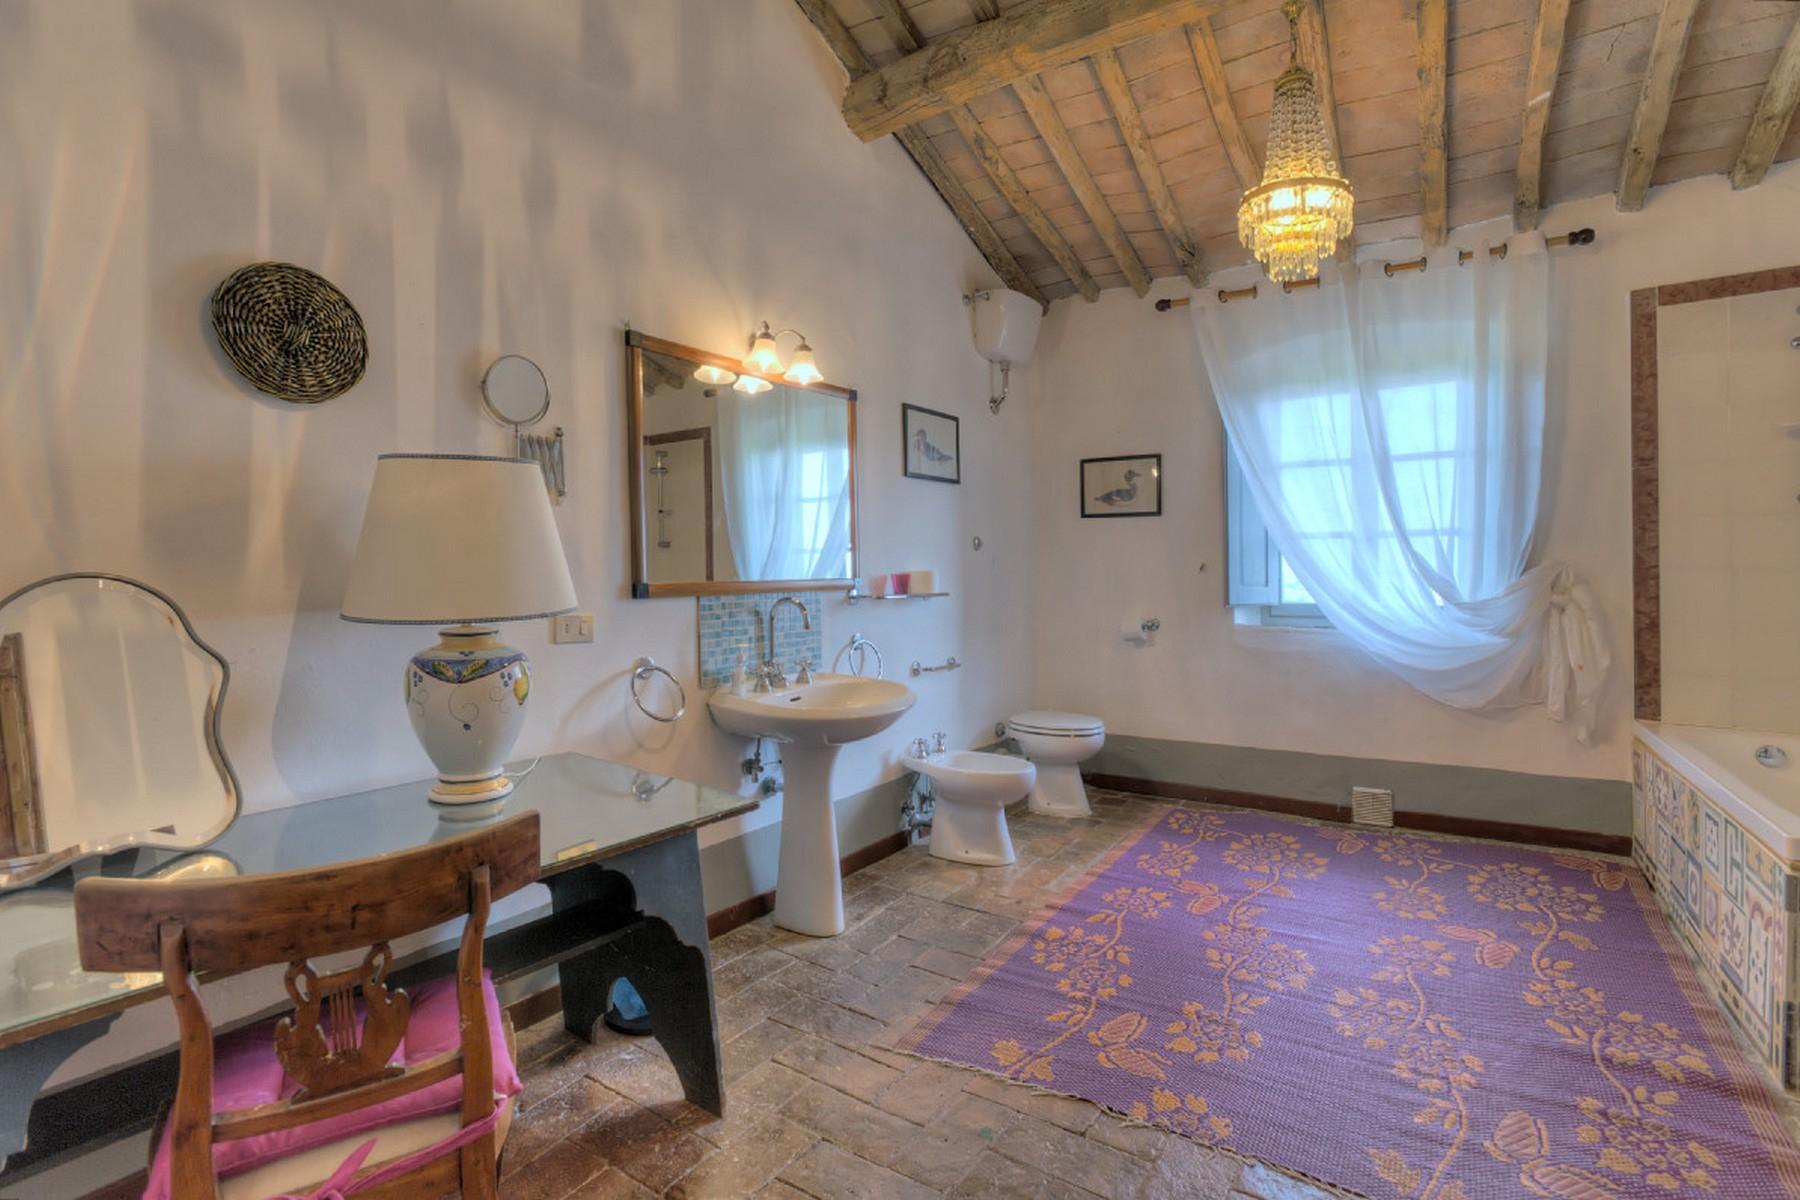 State-of-the-art rustic villa set in Florentine Chianti - 13